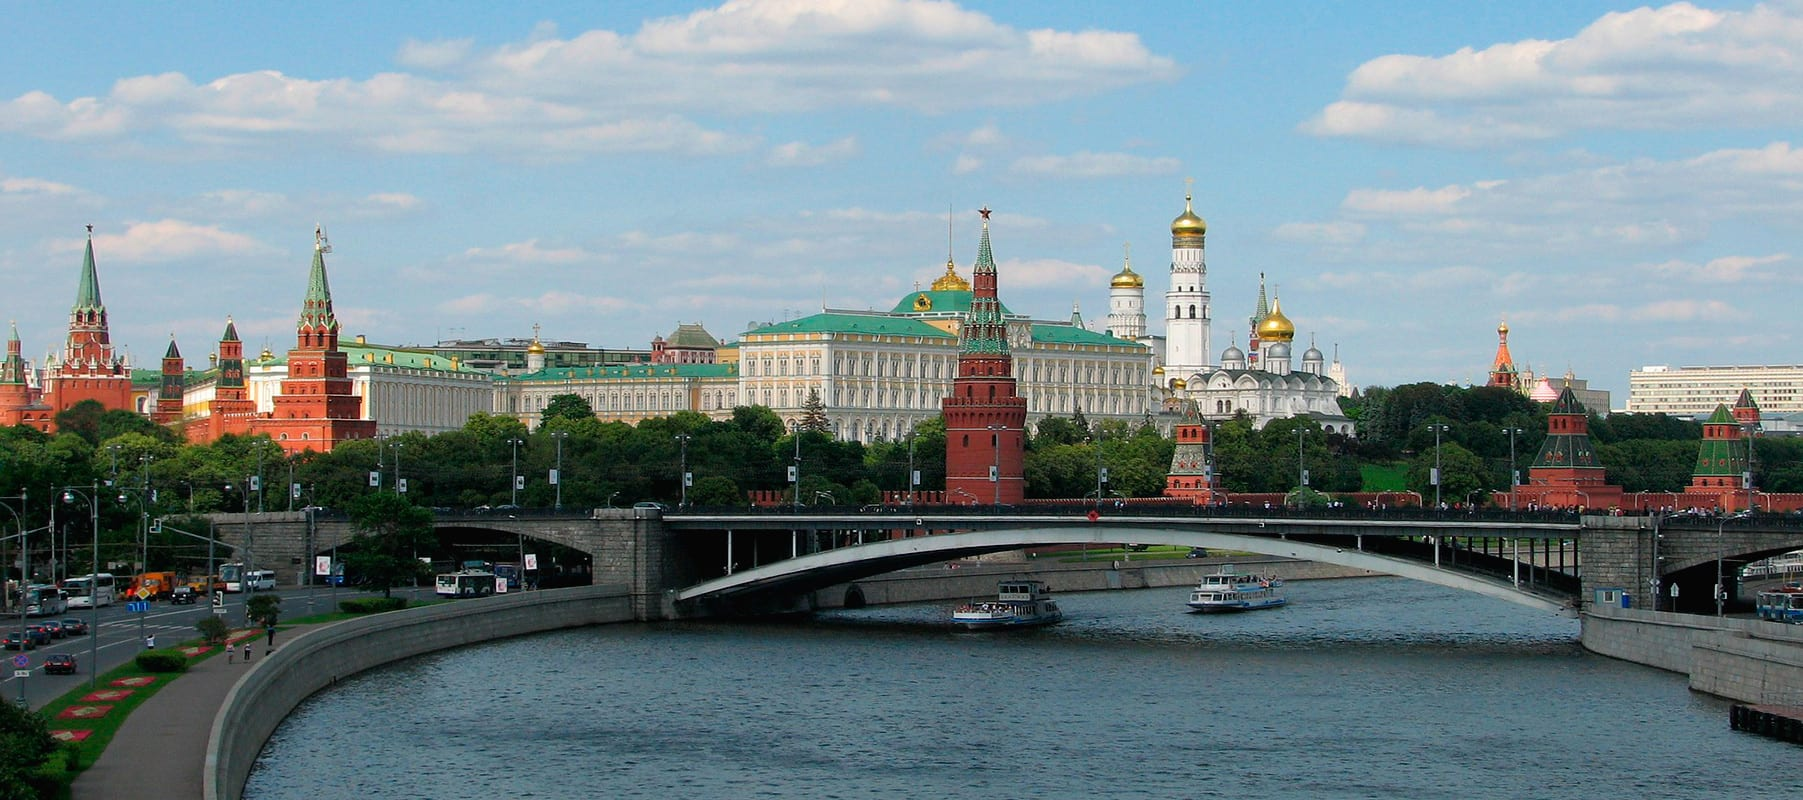 Leste Europeu e Rússia Classic